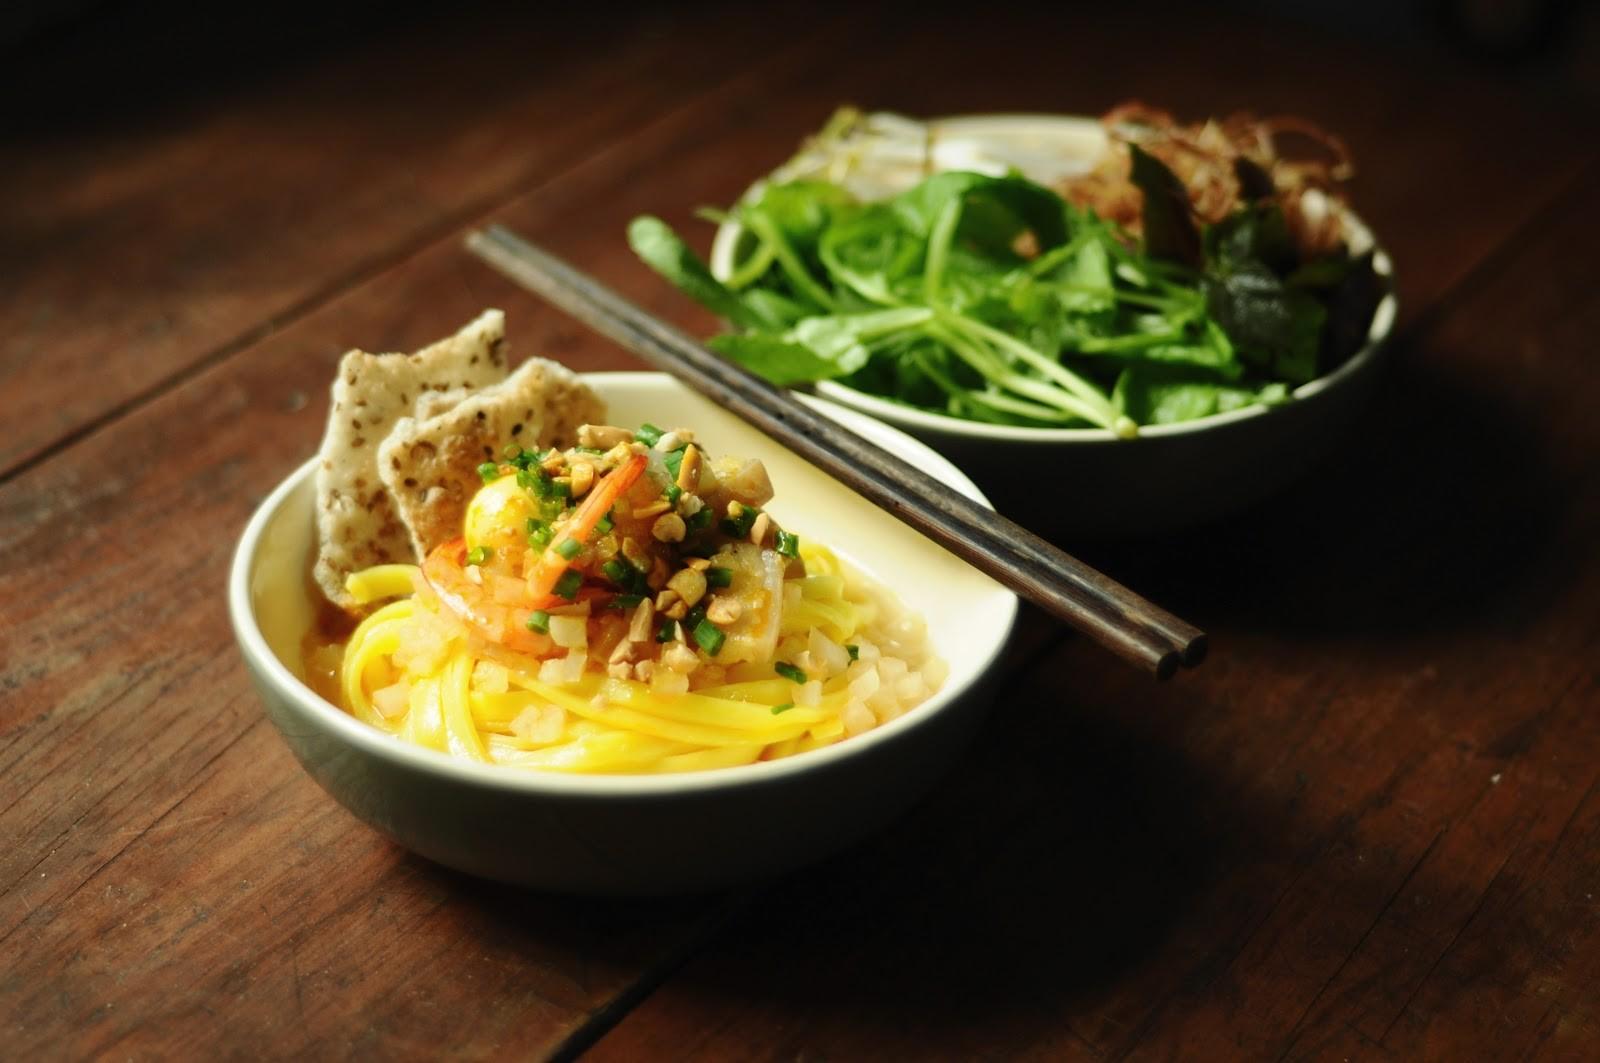 Mì Quảng là một trong những thức ăn thuộc danh sách phải thử khi đến Đà Nẵng - Hội An